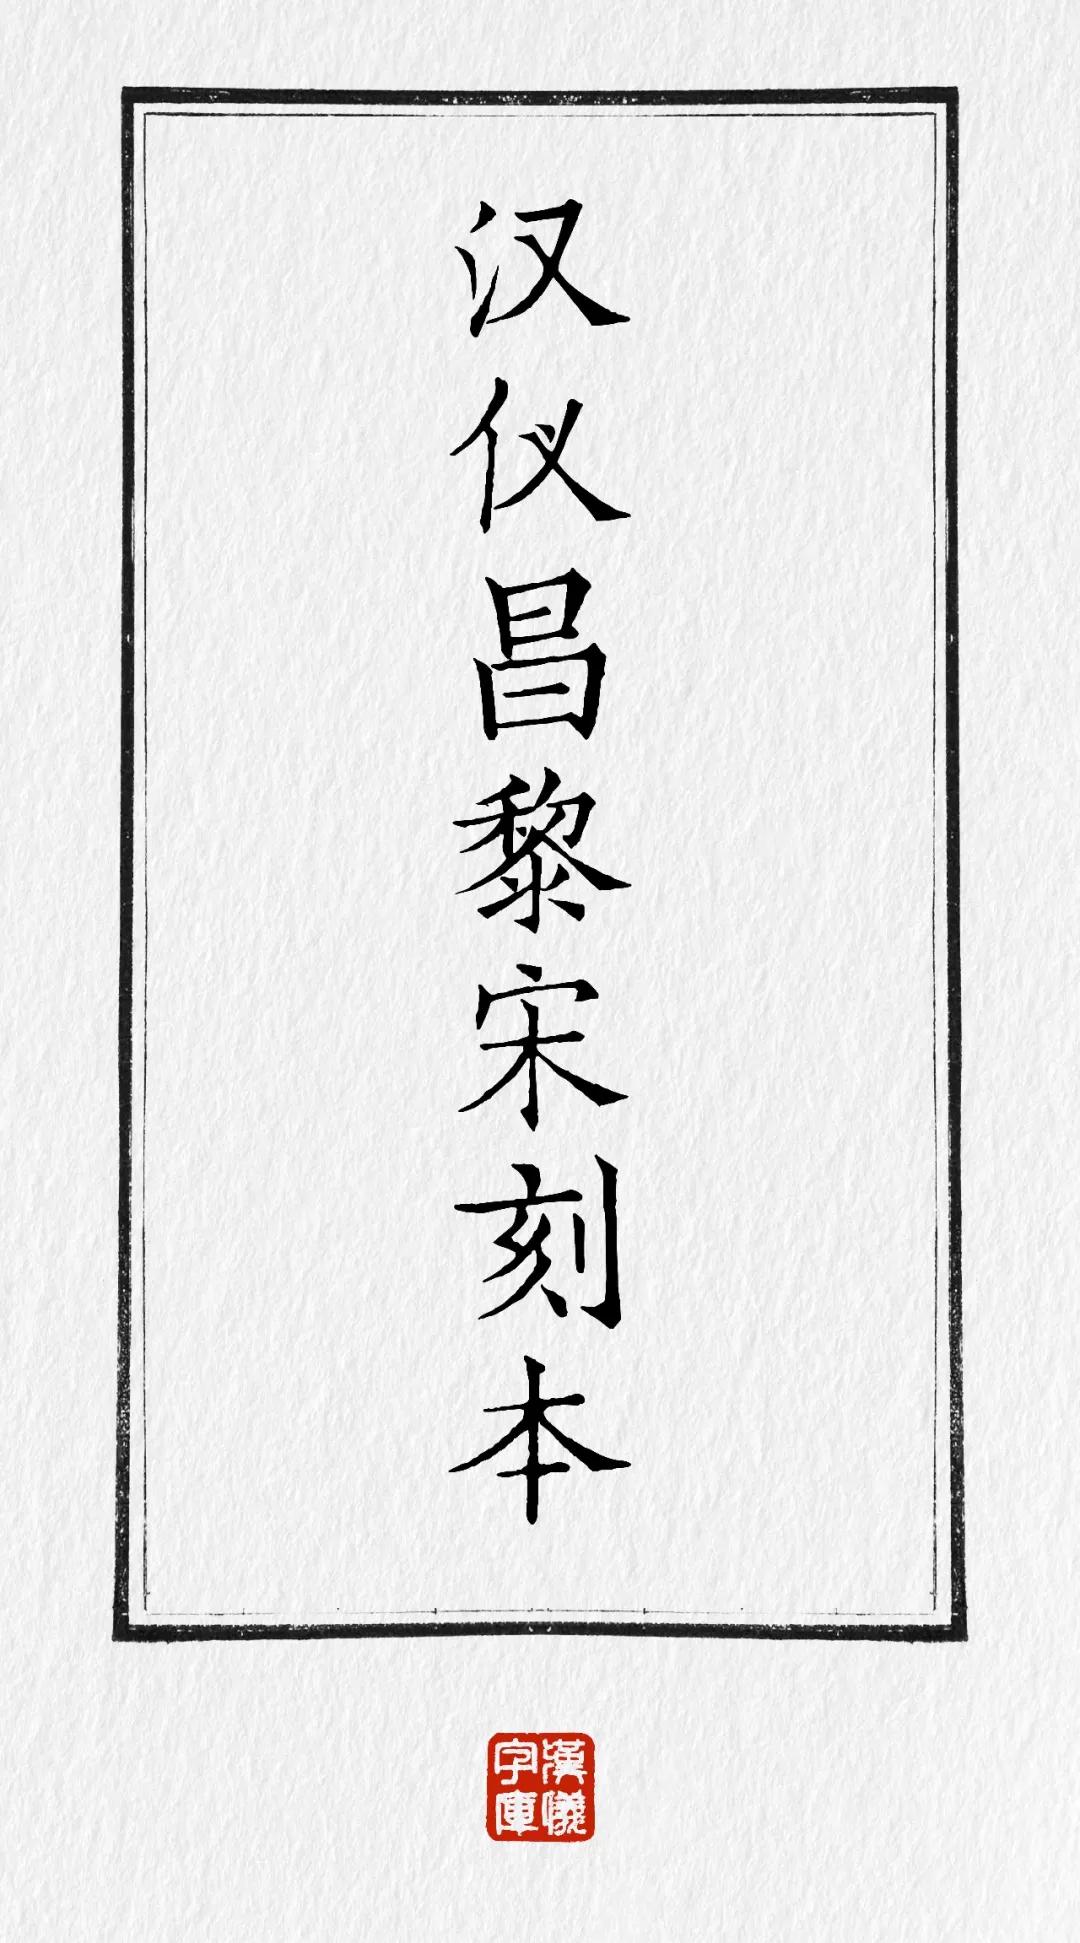 汉仪昌黎宋刻本(精修版)W、原版